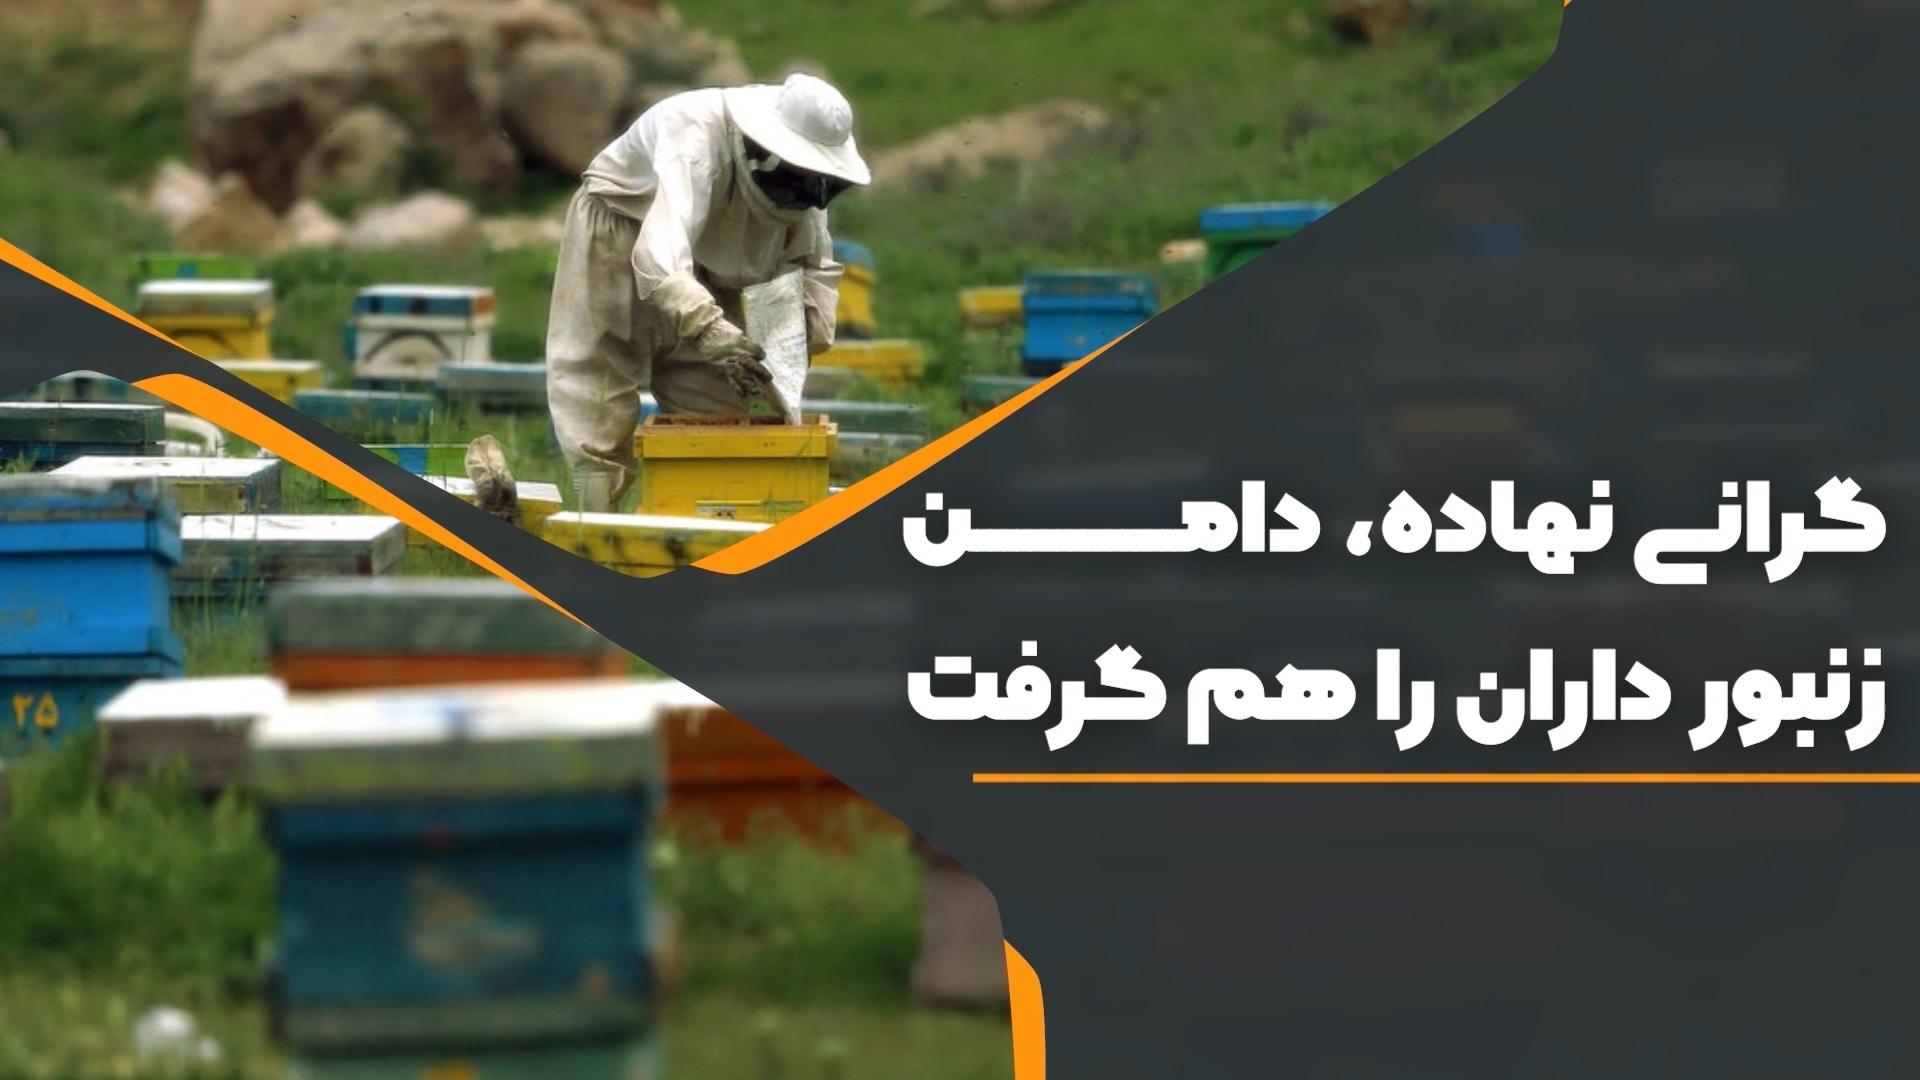 گرانی نهاده، دامن زنبورداران را هم گرفت + ویدیو